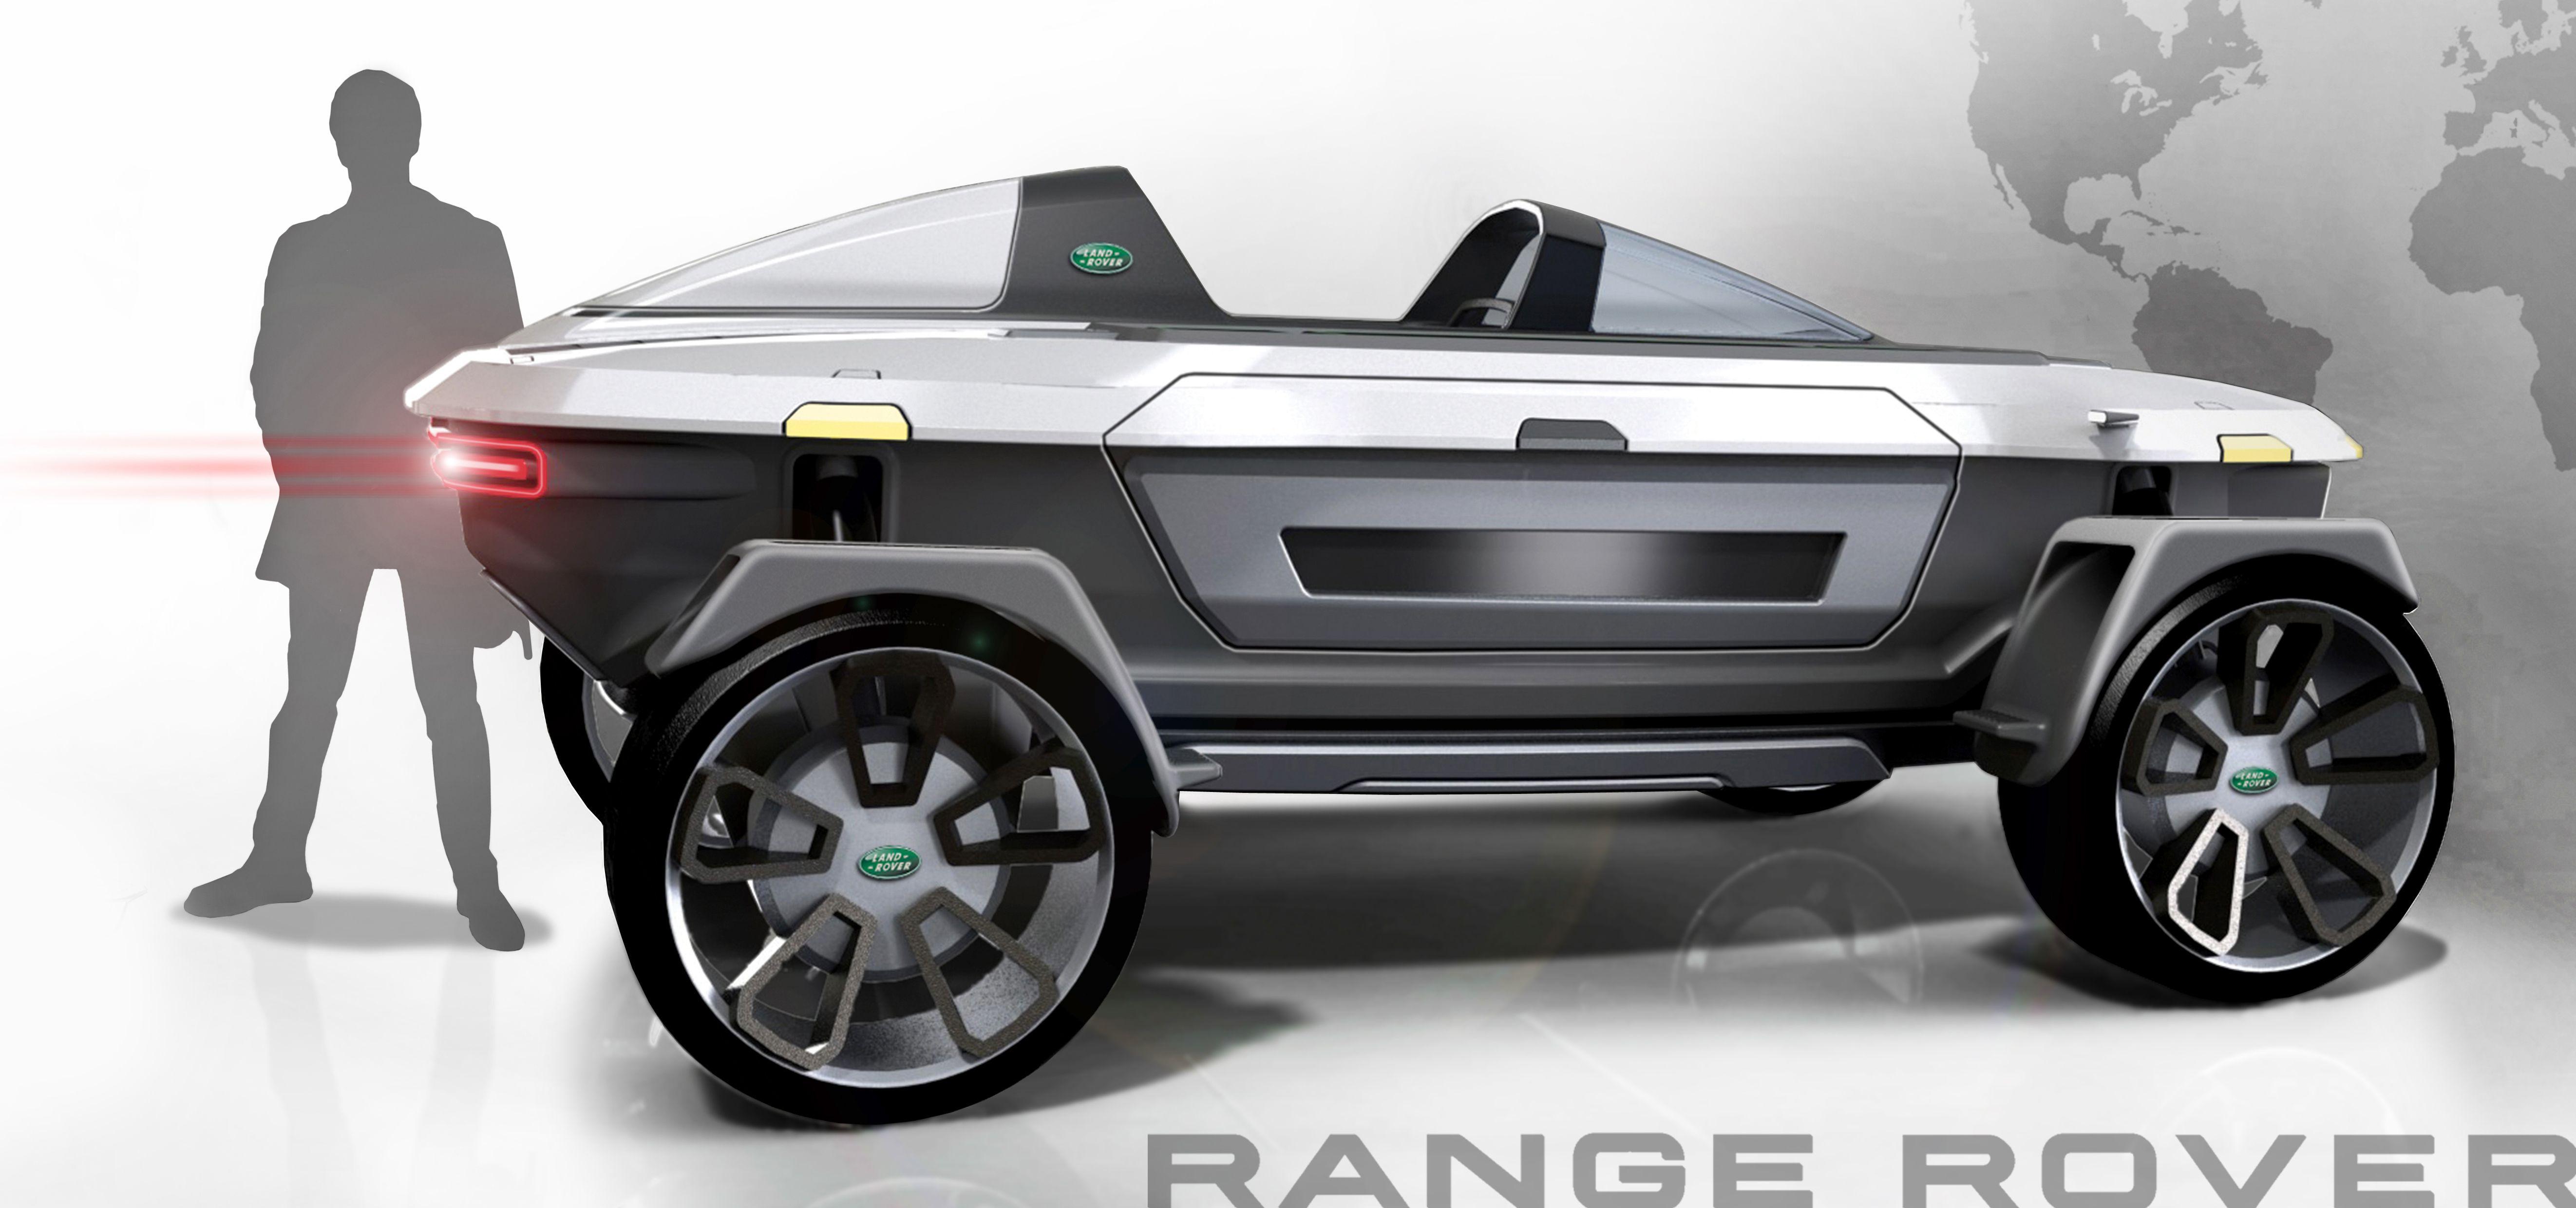 Range Rover Future Auto cars